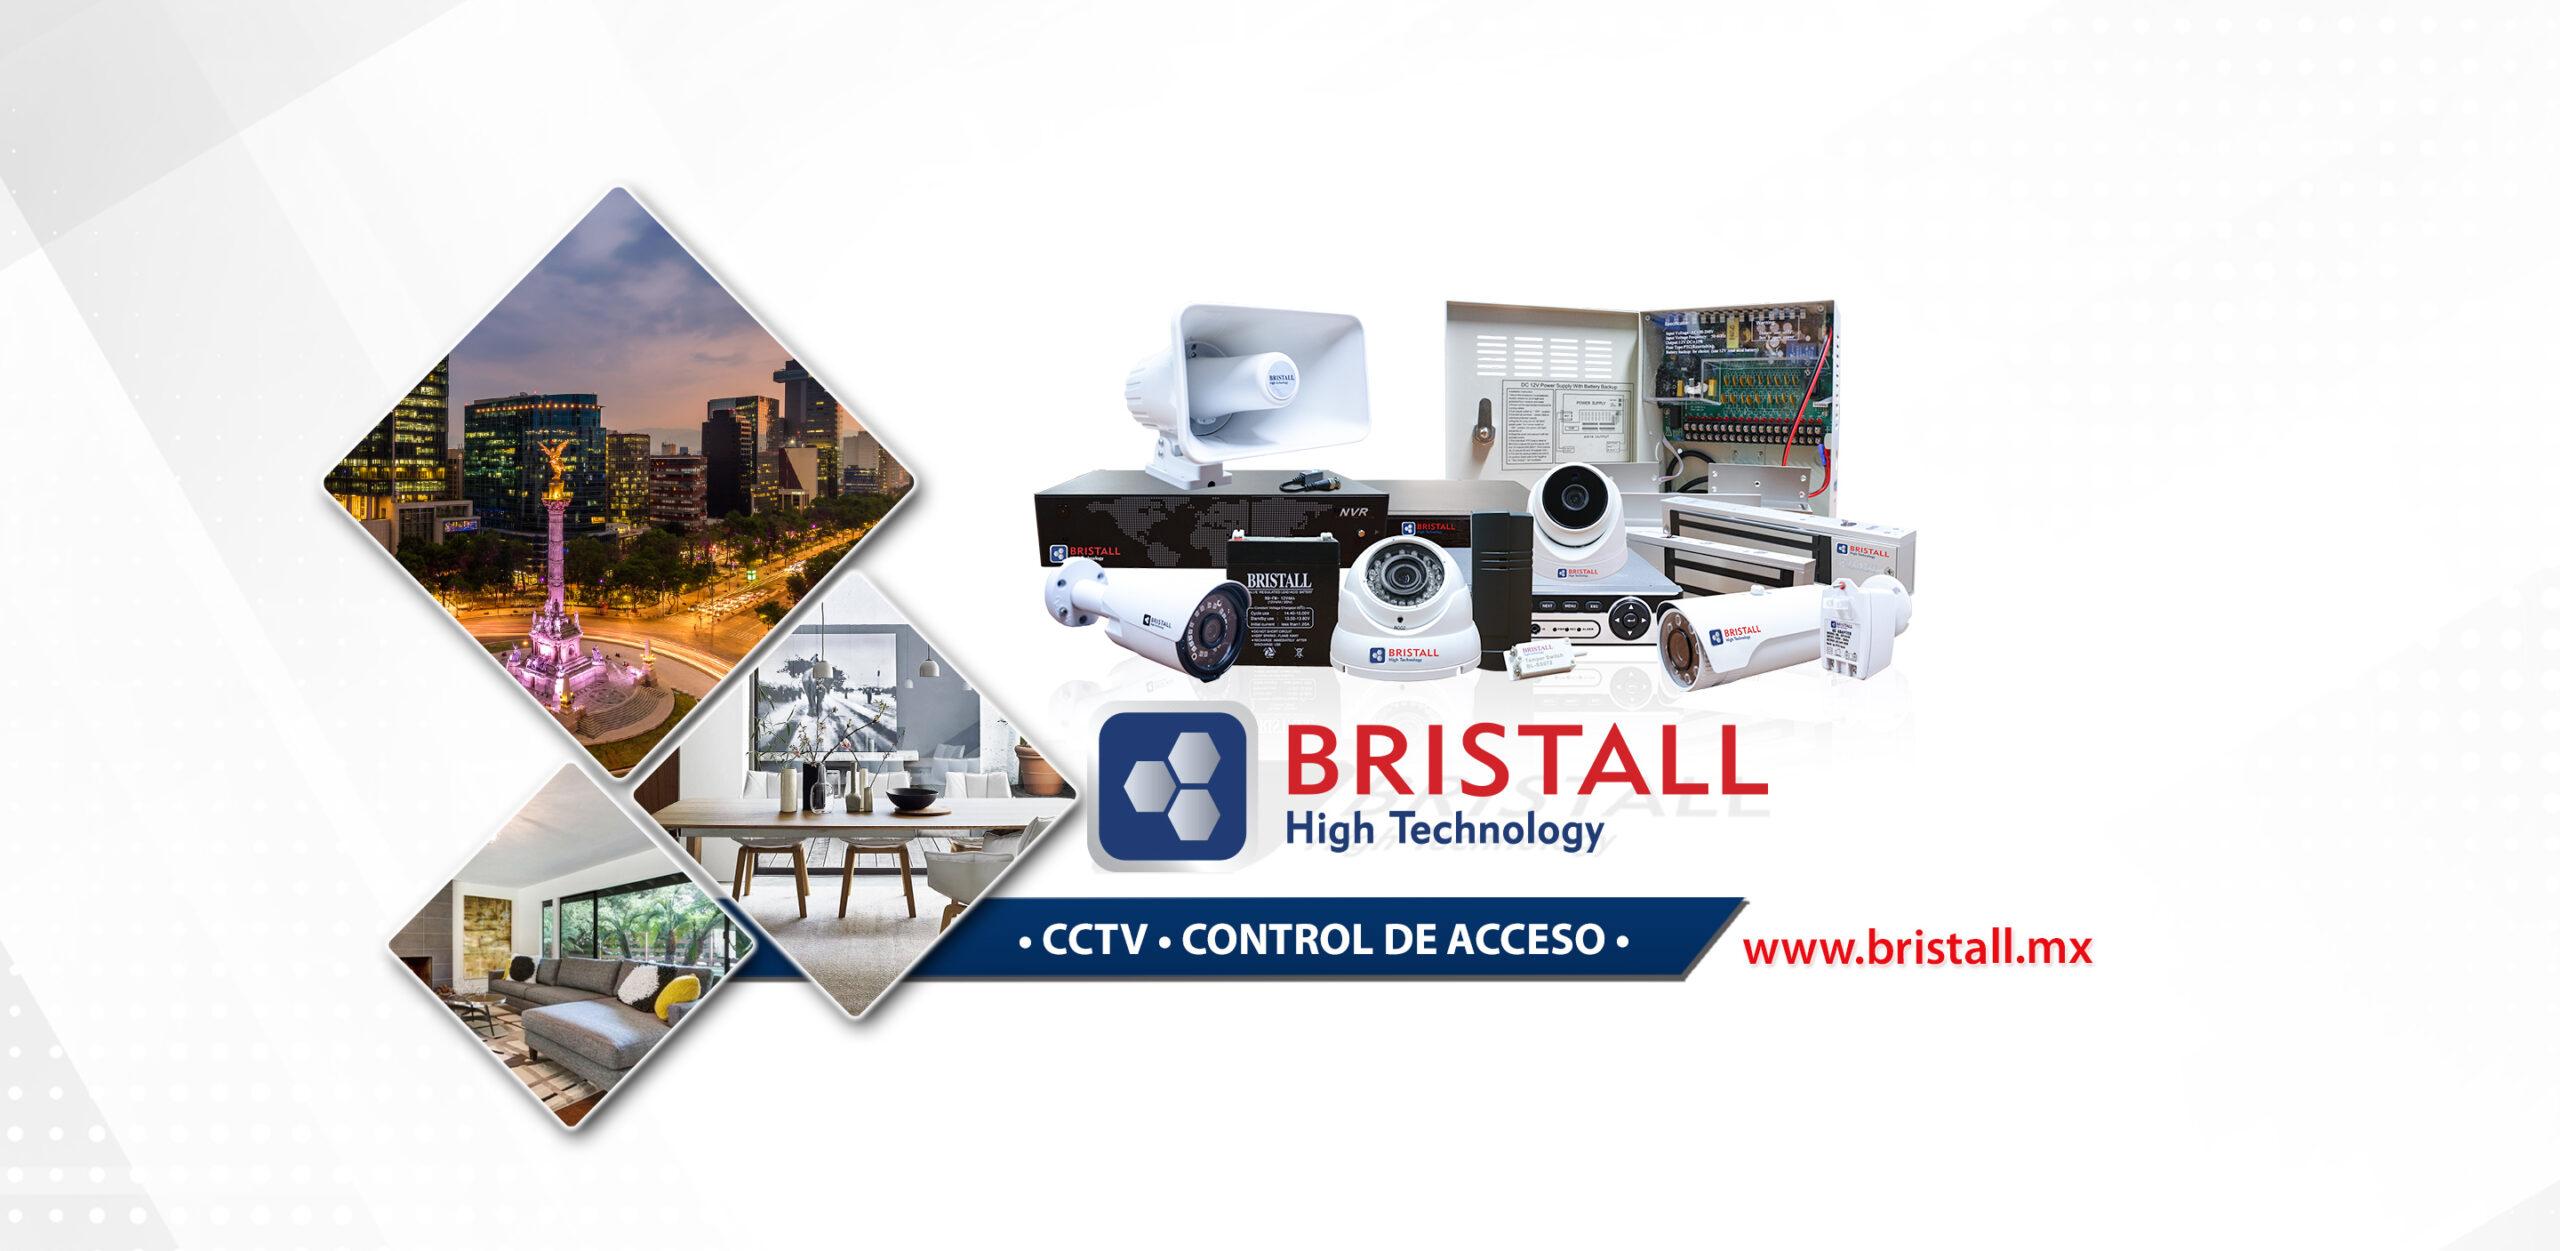 Bristall High Technology